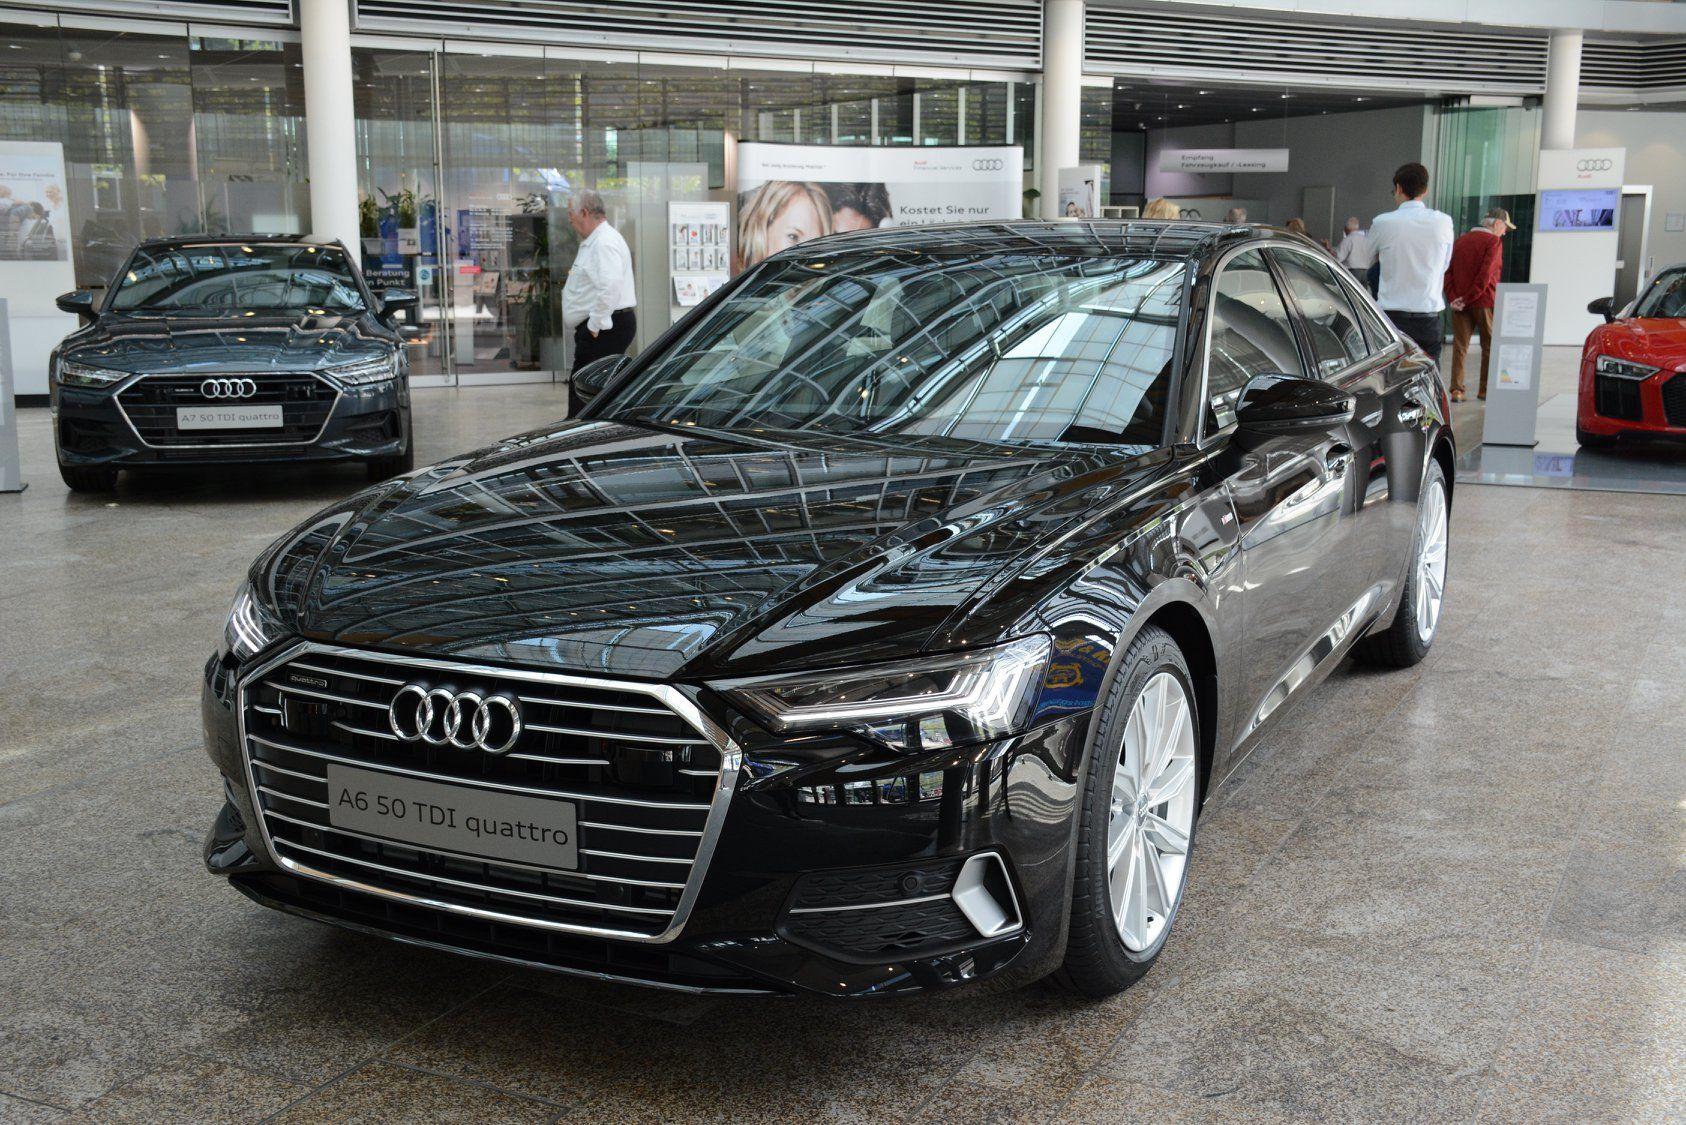 Audi A6 Mythos Black Metallic